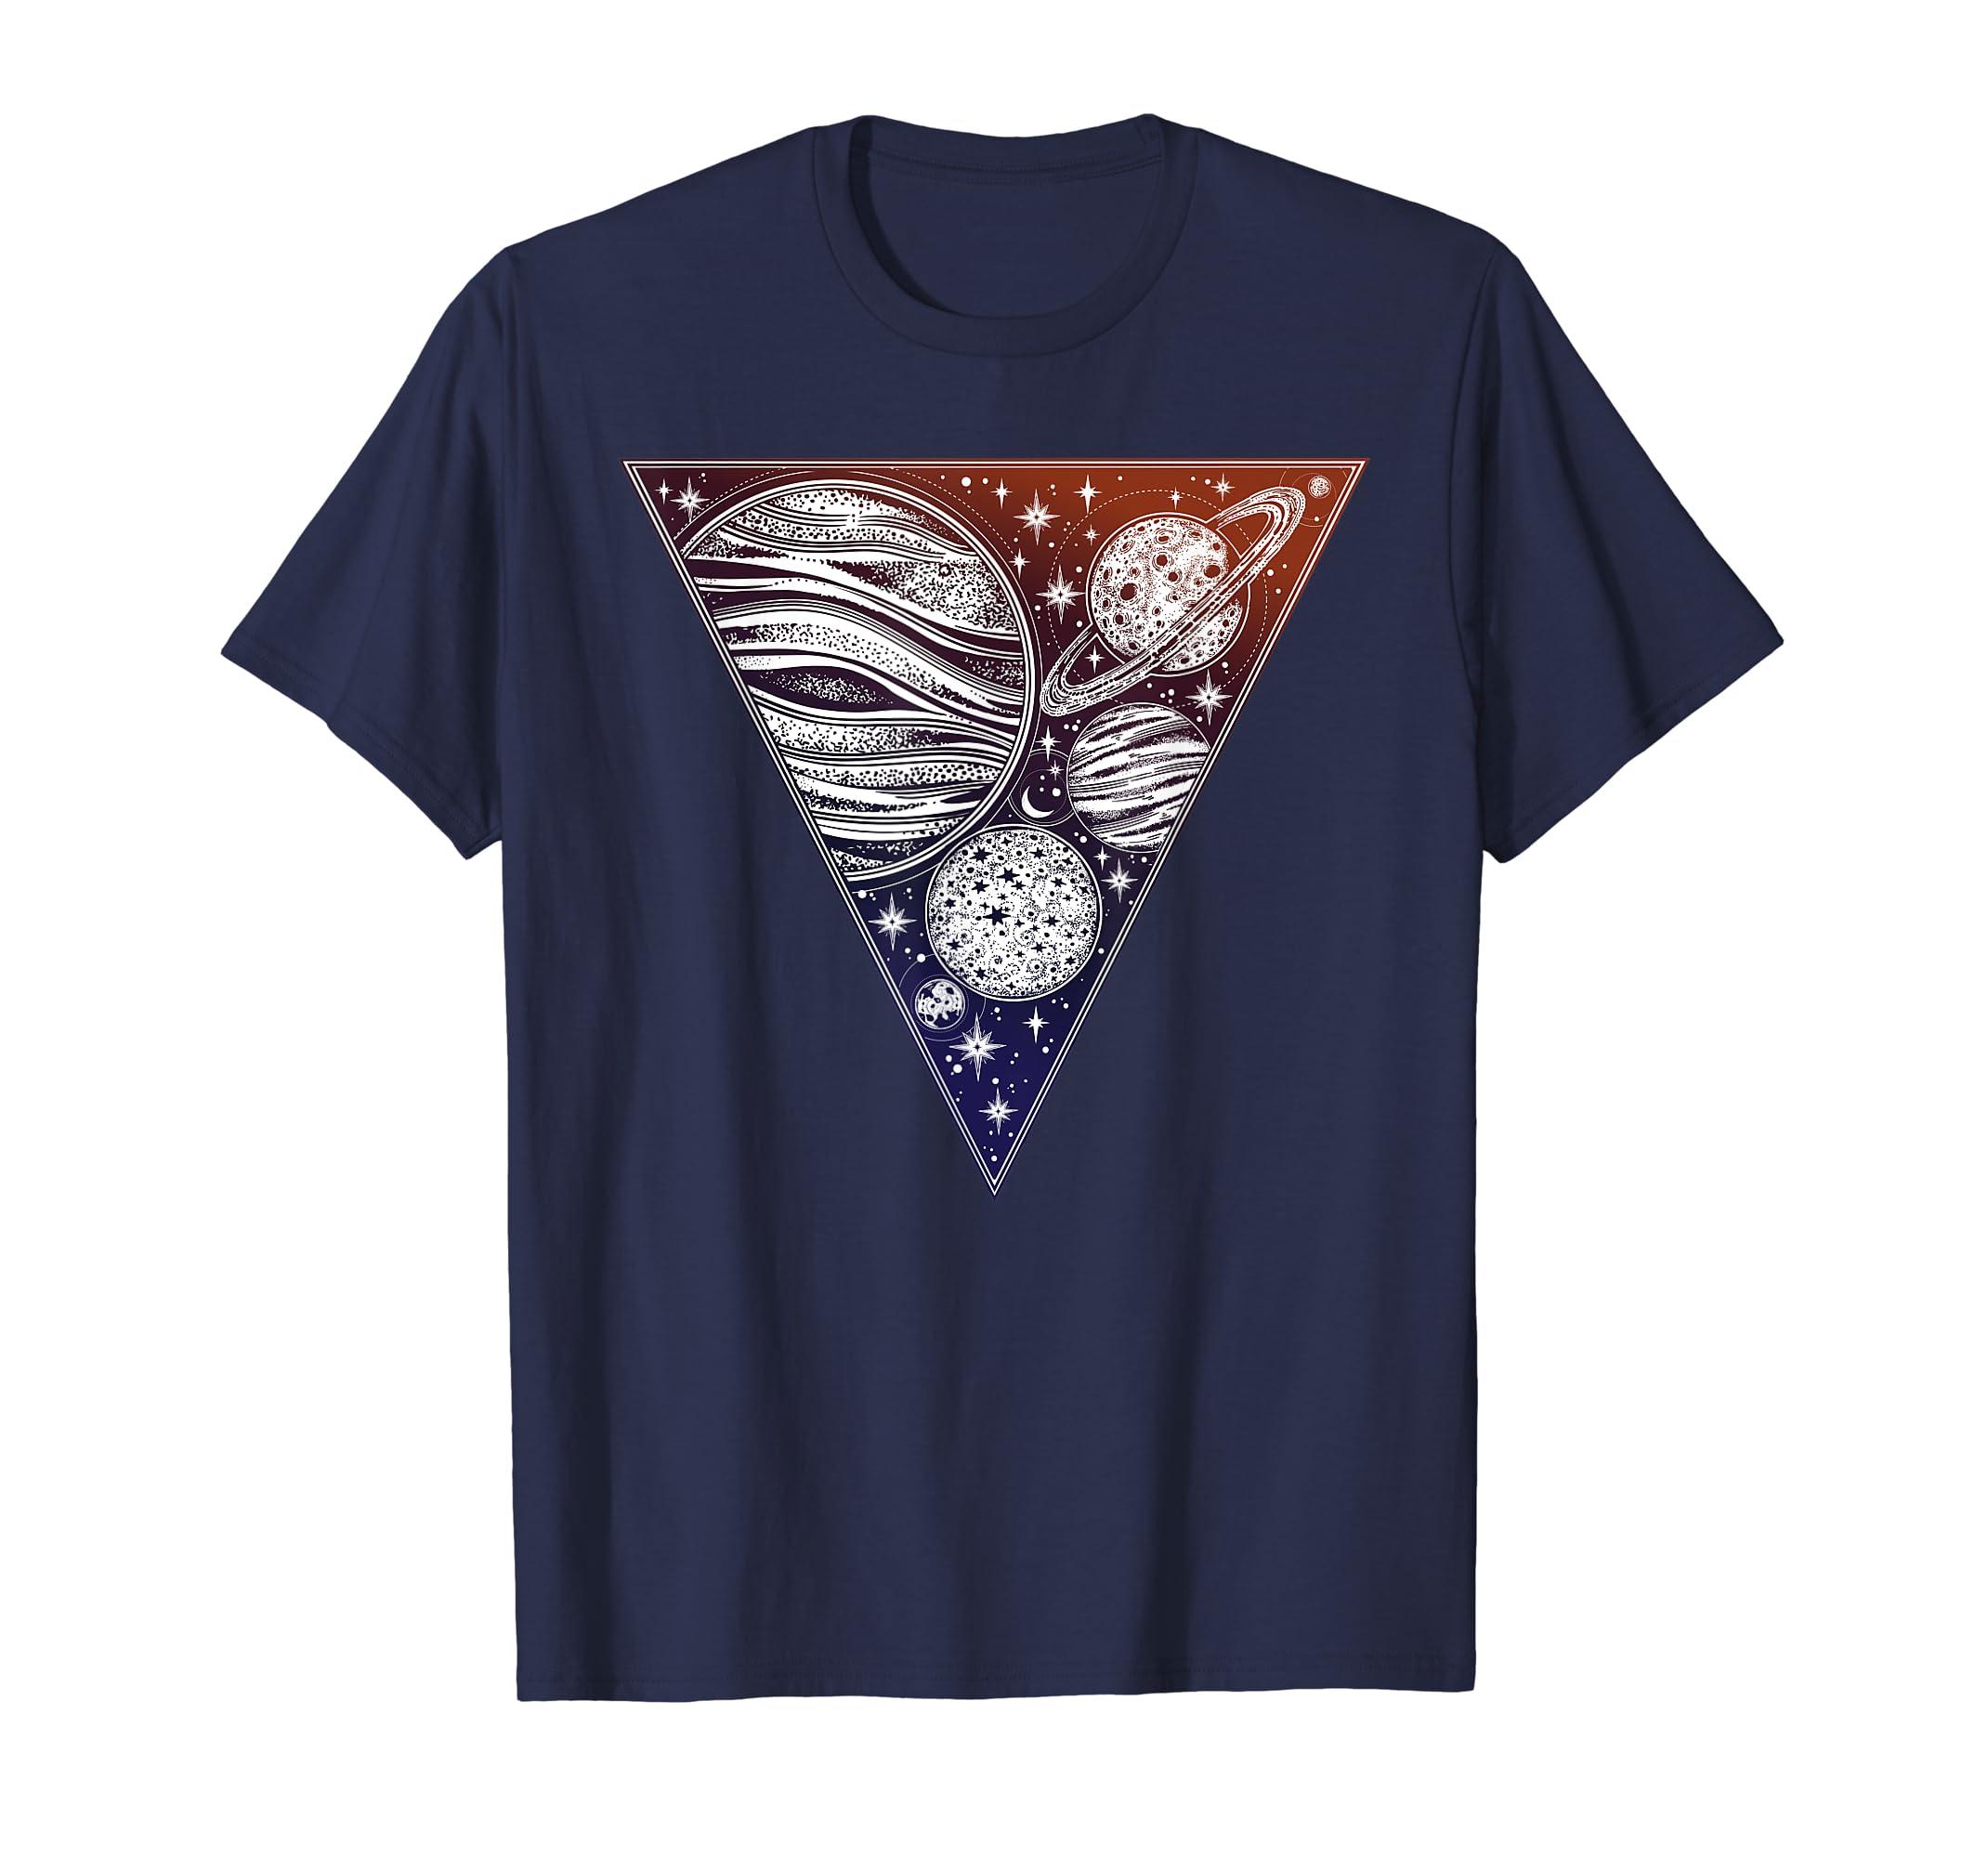 b78f9419617 Amazon.com  Interstellar Tshirt - Sacred Geometry Cosmos Planets Space   Clothing